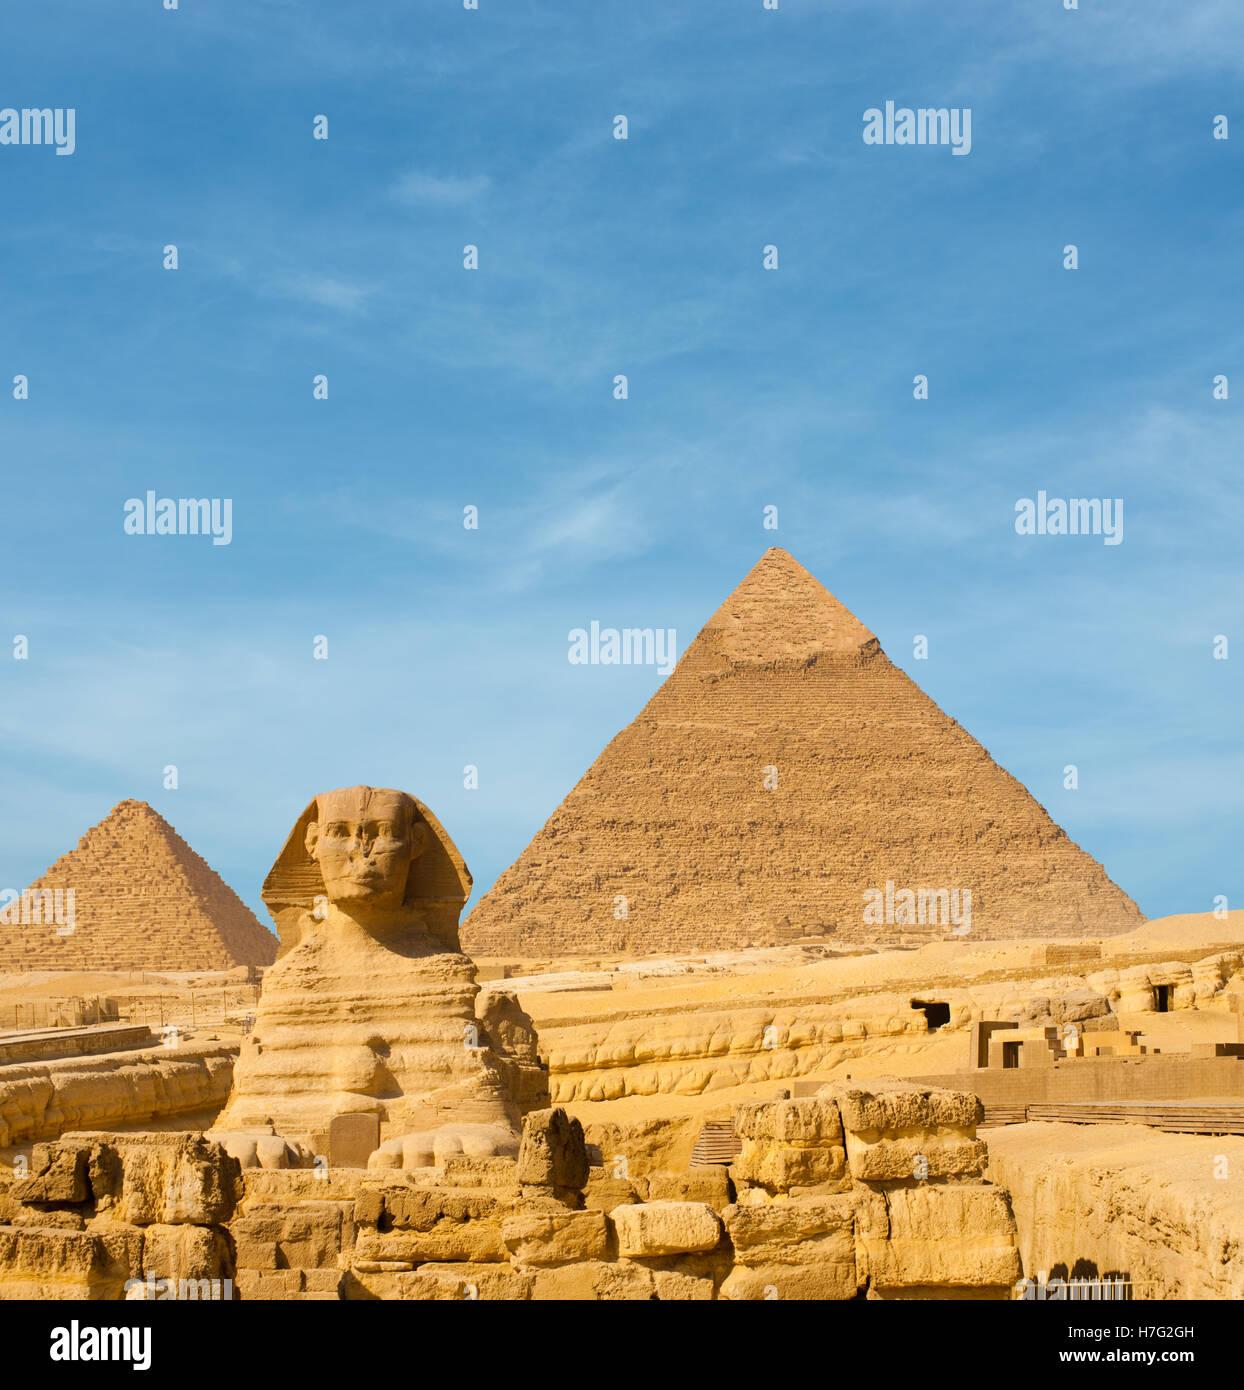 Vorne, die Sphinx und der großen ägyptischen Pyramiden Chephren, Mykerinos leicht versetzt vor blauem Stockbild